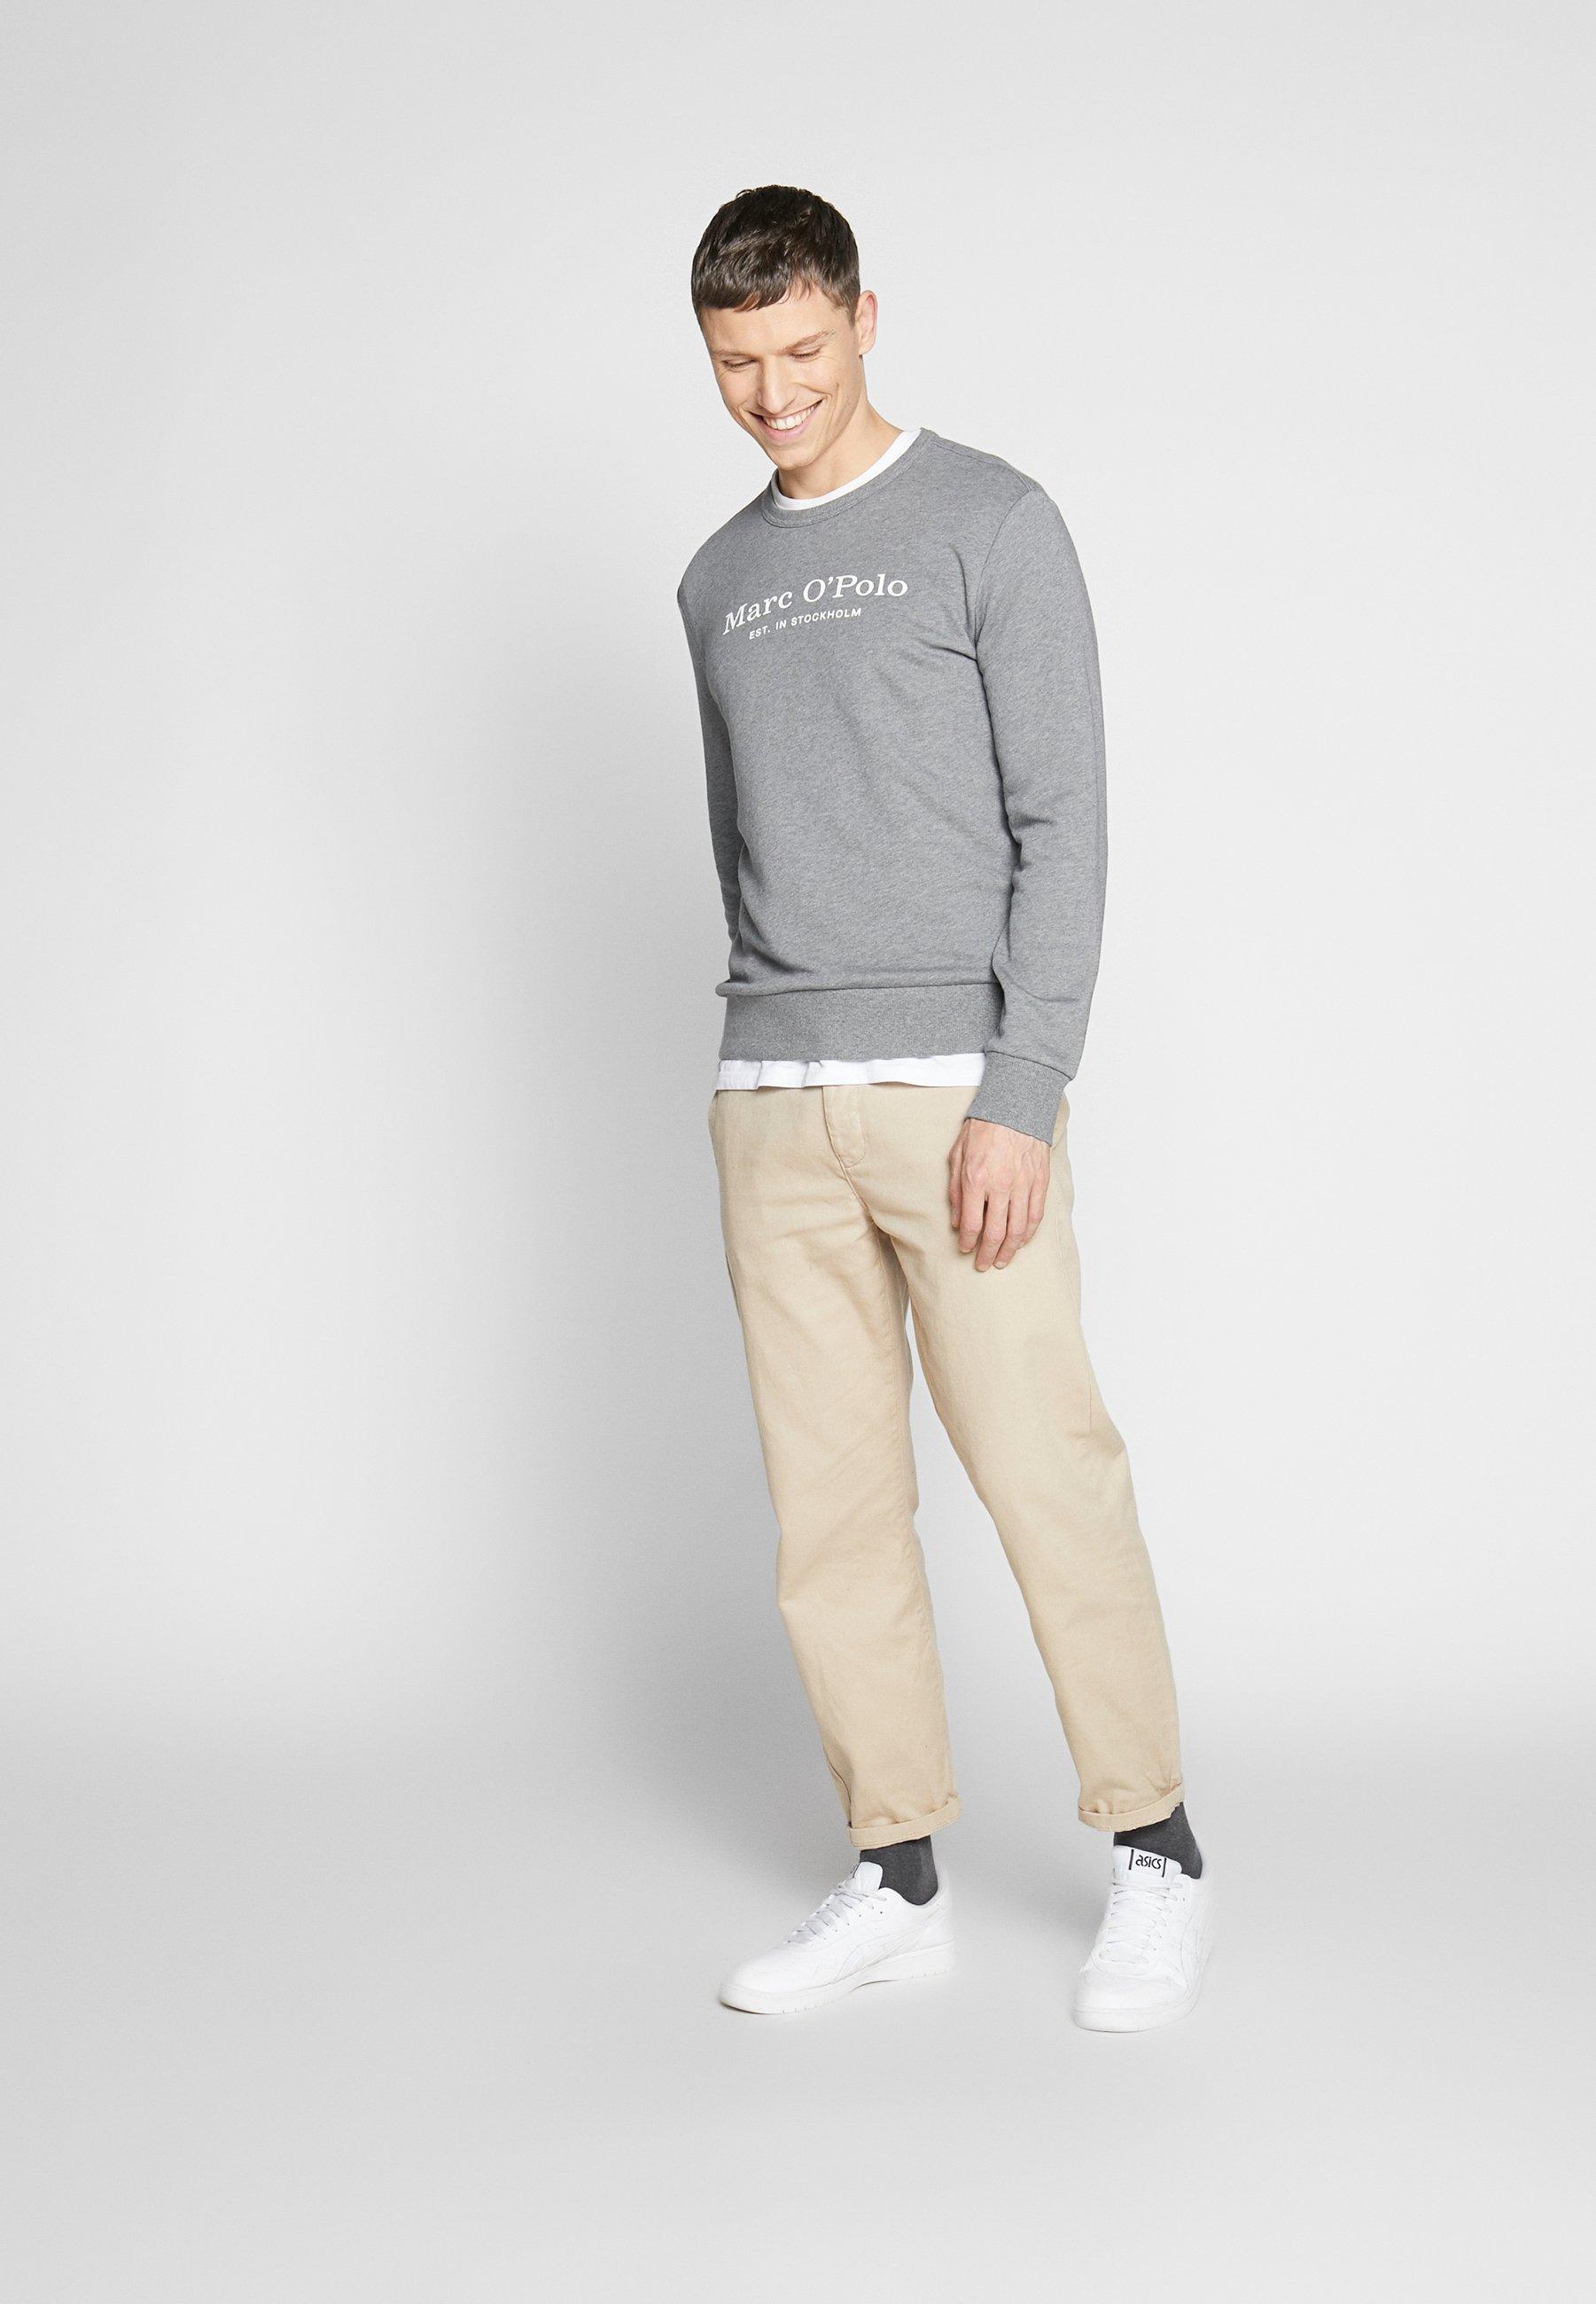 Marc O'Polo CREW NECK - Sweatshirt - grey melange